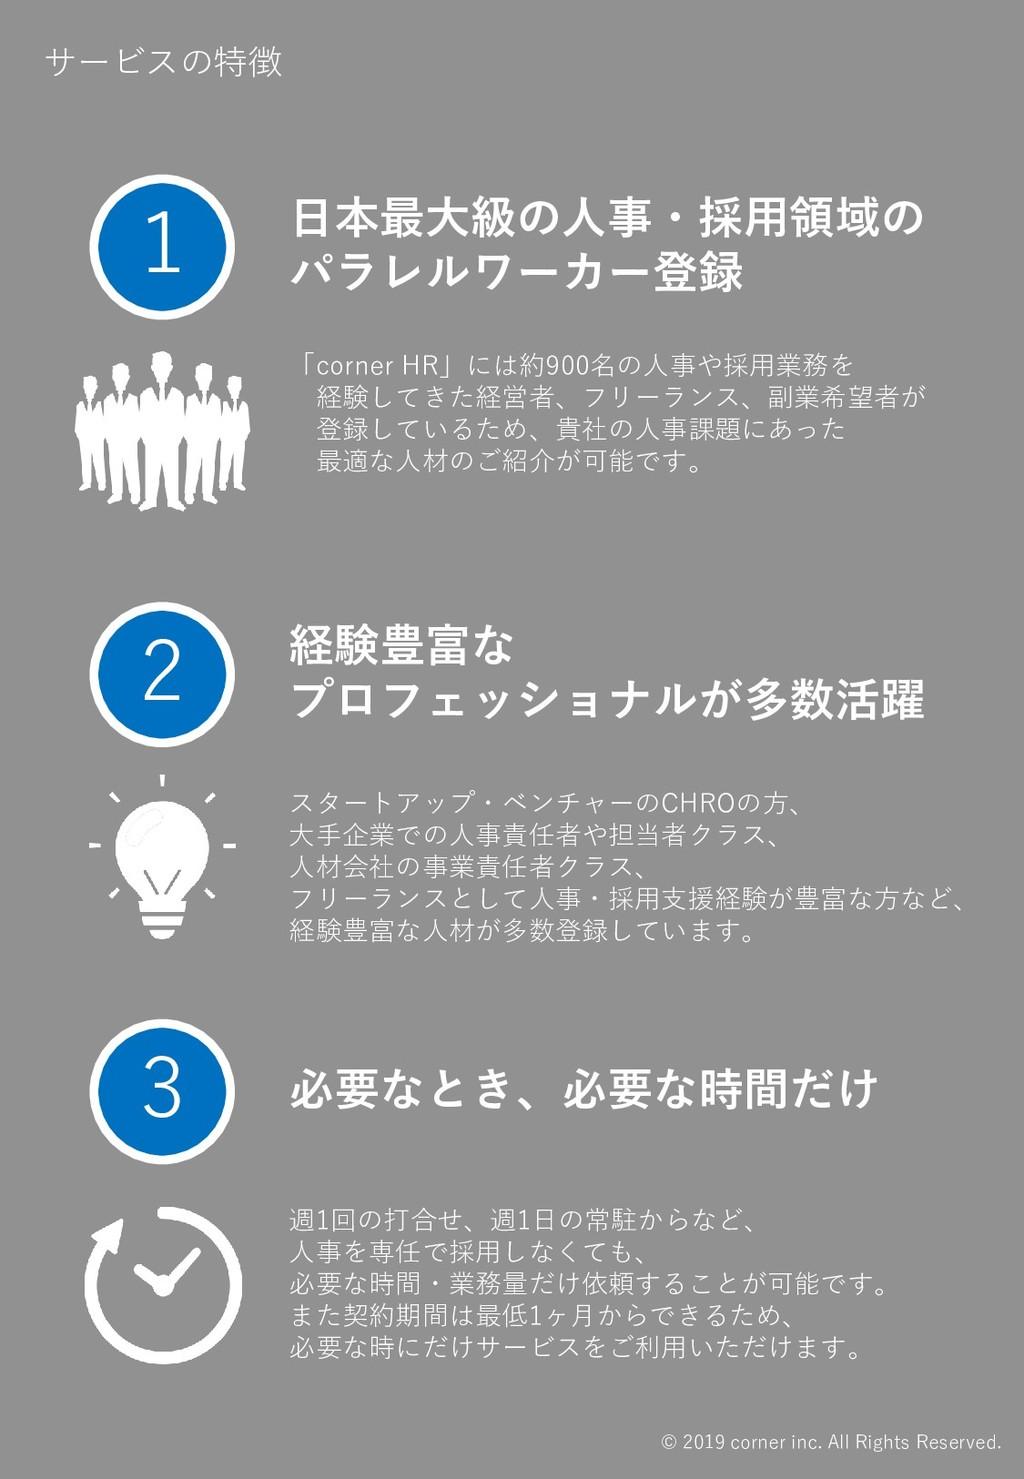 サービスの特徴 経験豊富な プロフェッショナルが多数活躍 日本最大級の人事・採用領域の パラレ...